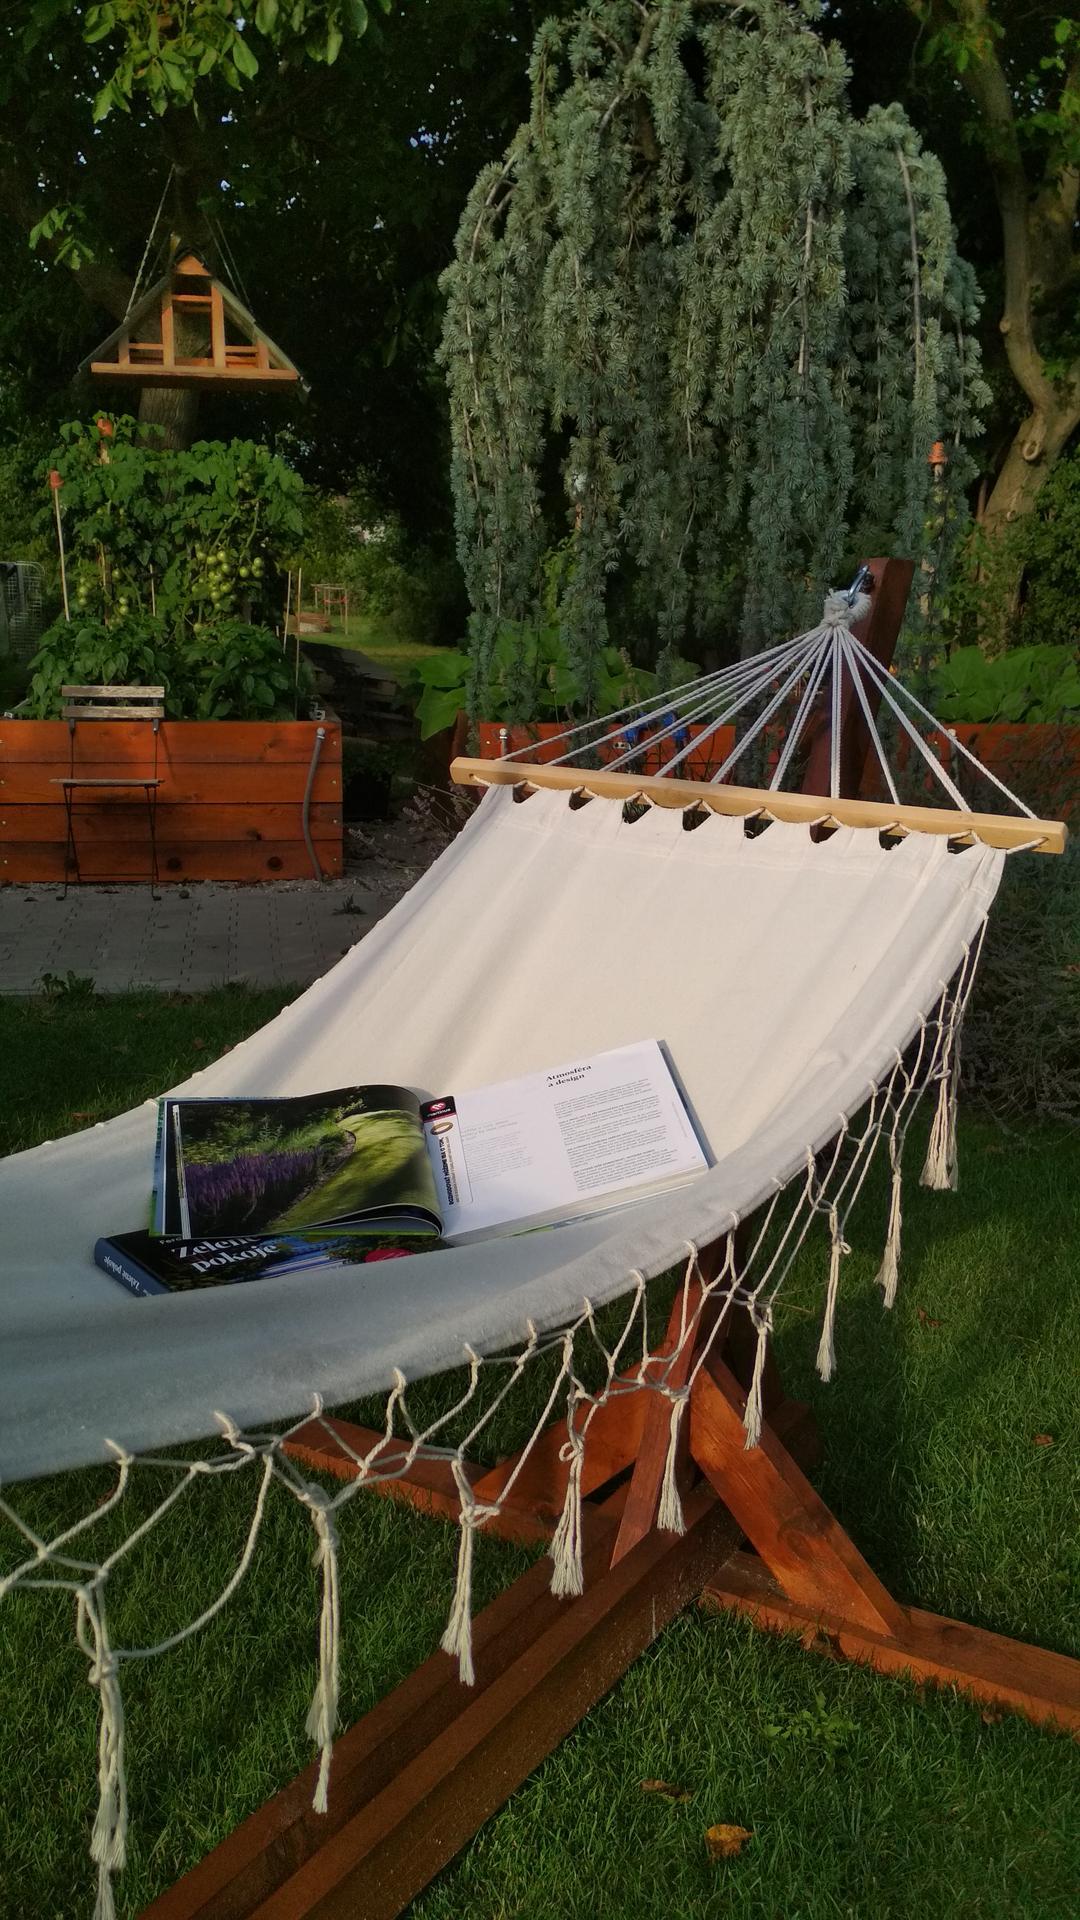 Drevený stojan na hojdaciu sieť... relax v záhrade - Obrázok č. 31